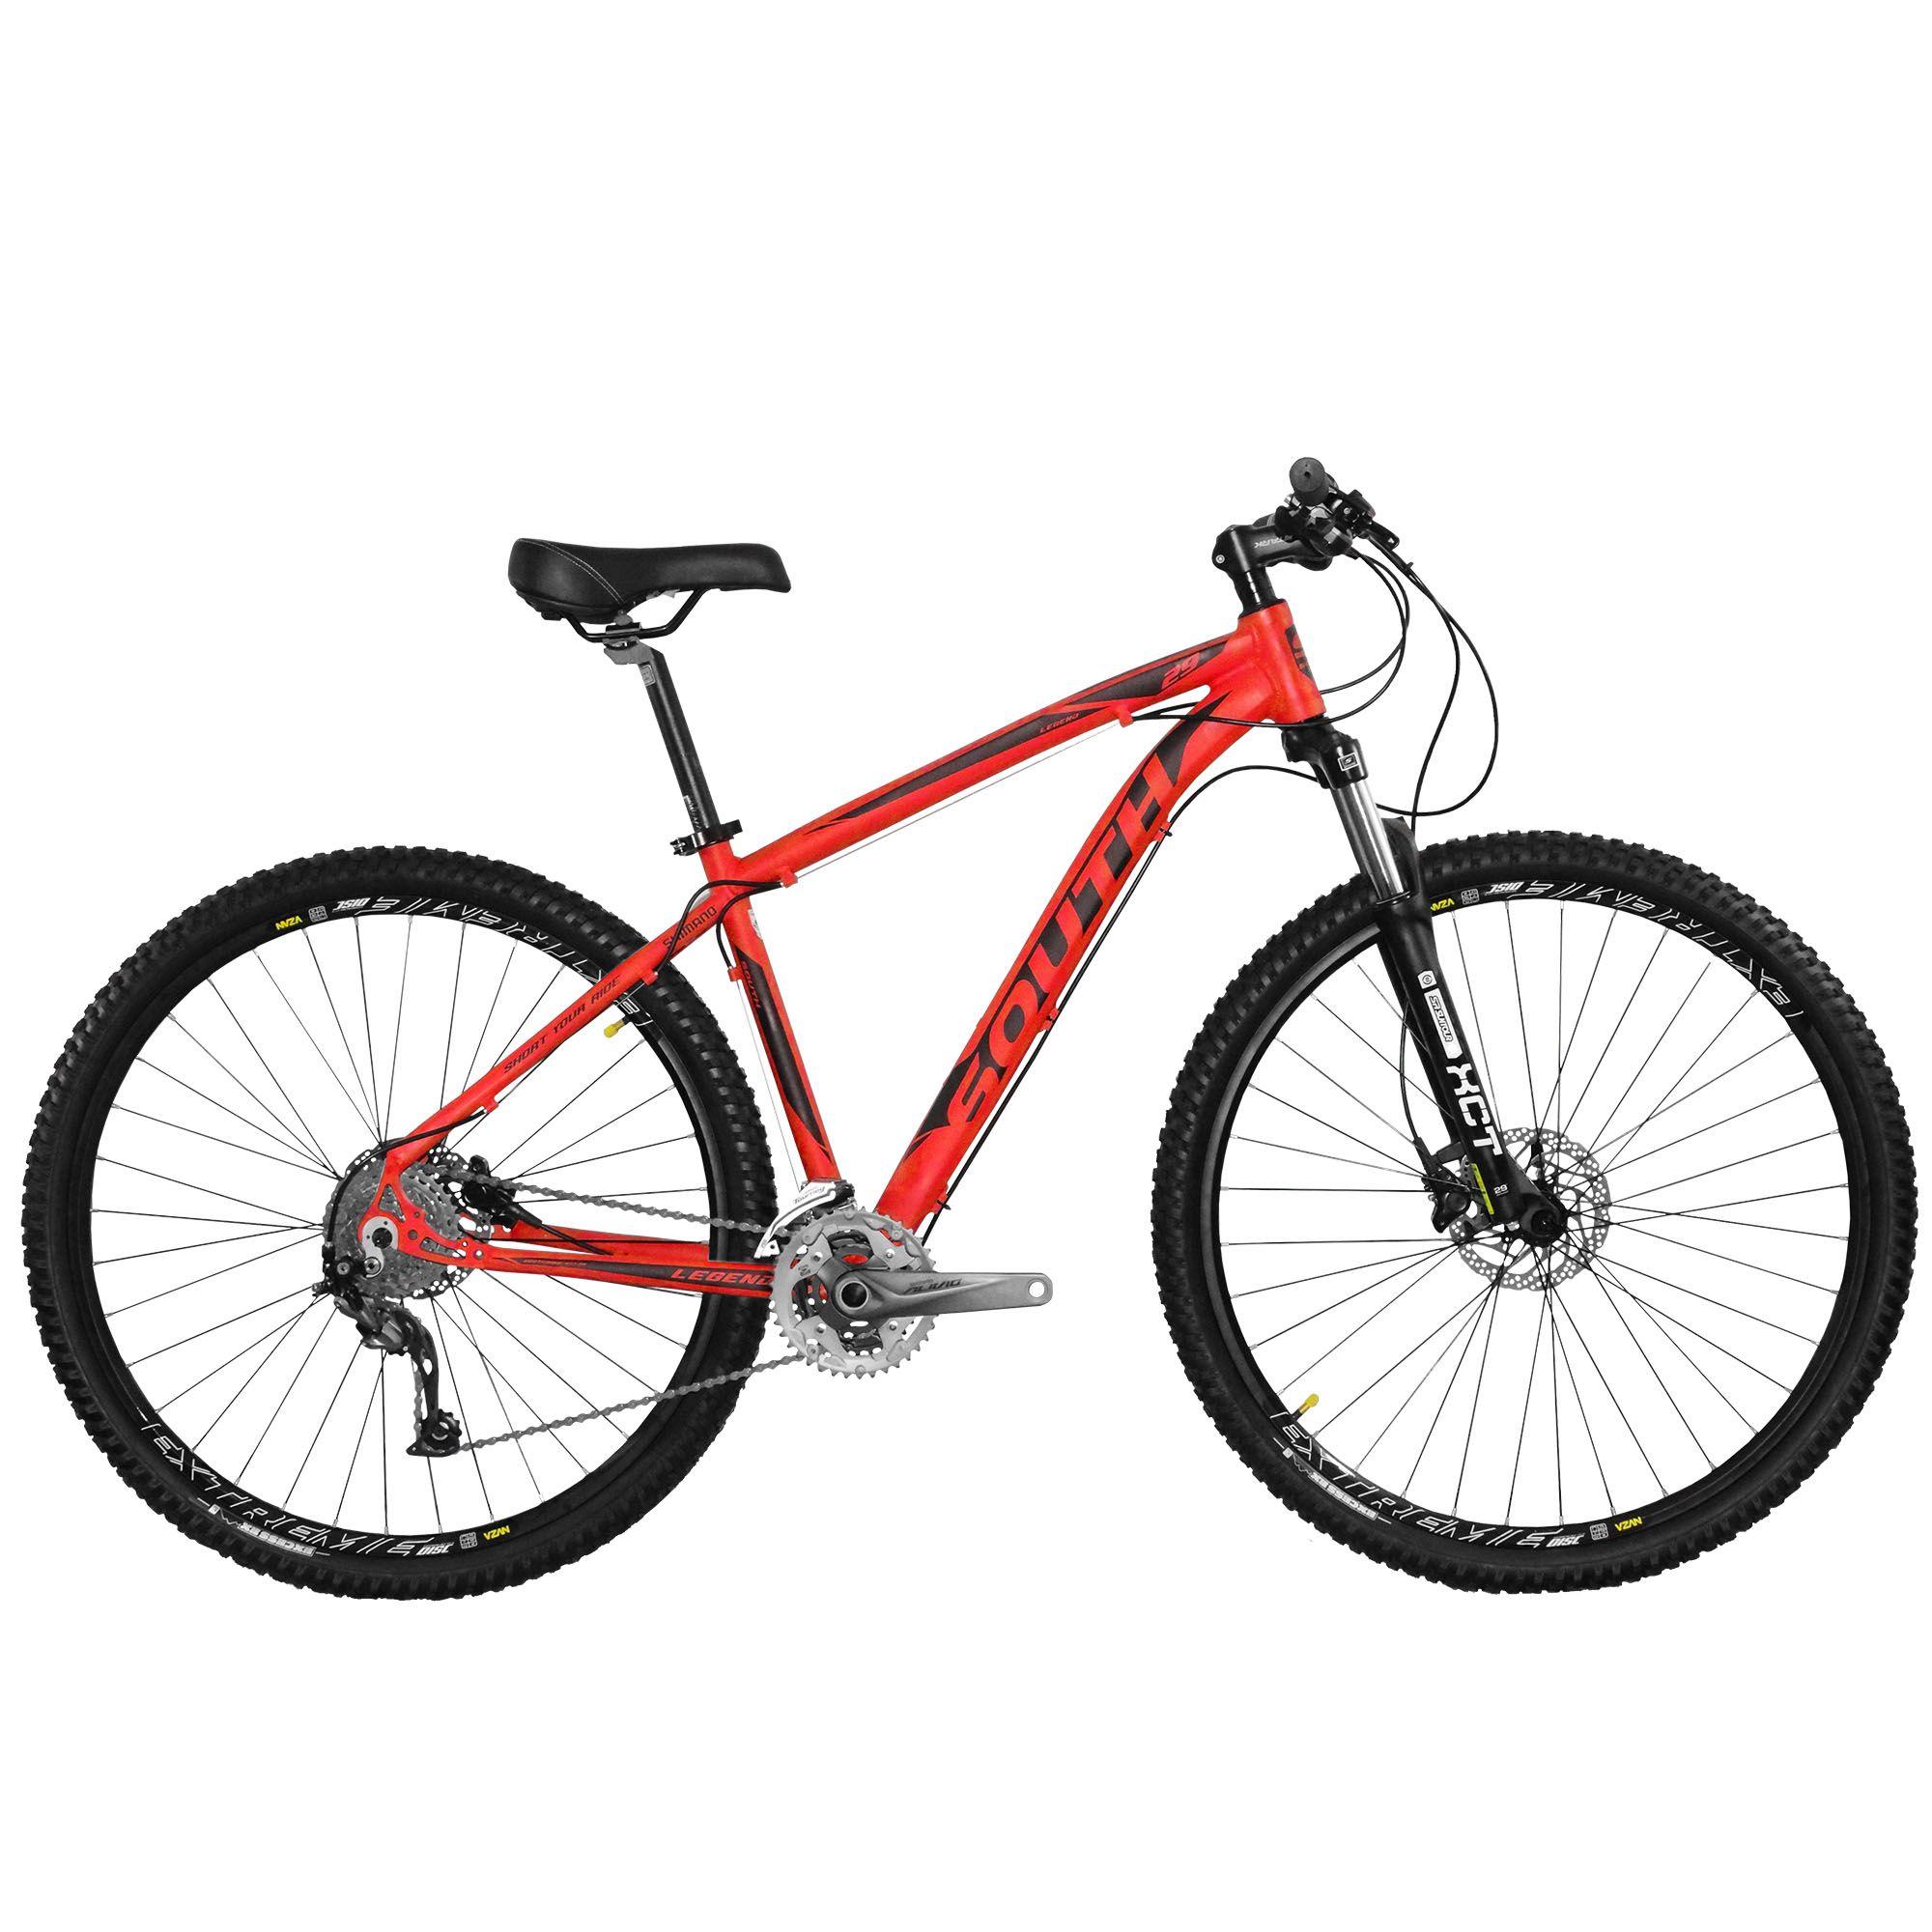 Bicicleta Legend 2018 Alivio - 27 Marchas - Hidráulica - Aro 29 - Alumínio